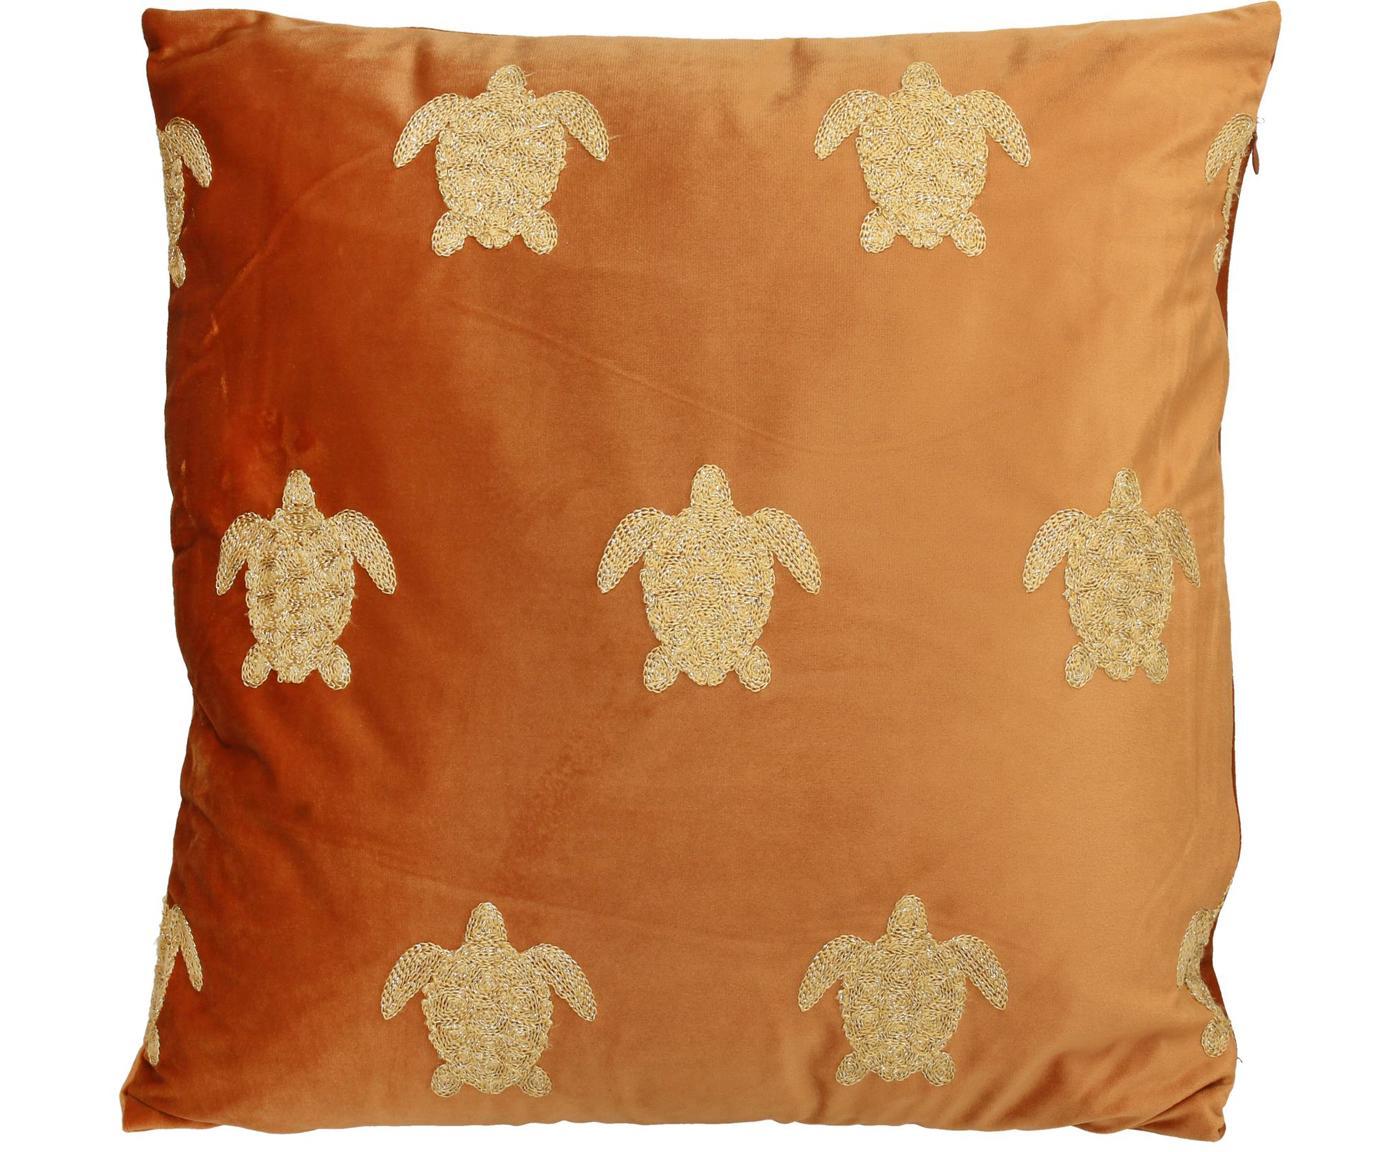 Cojín bordado de terciopelo Turtle, con relleno, Terciopelo, Naranja, dorado, An 45 x L 45 cm